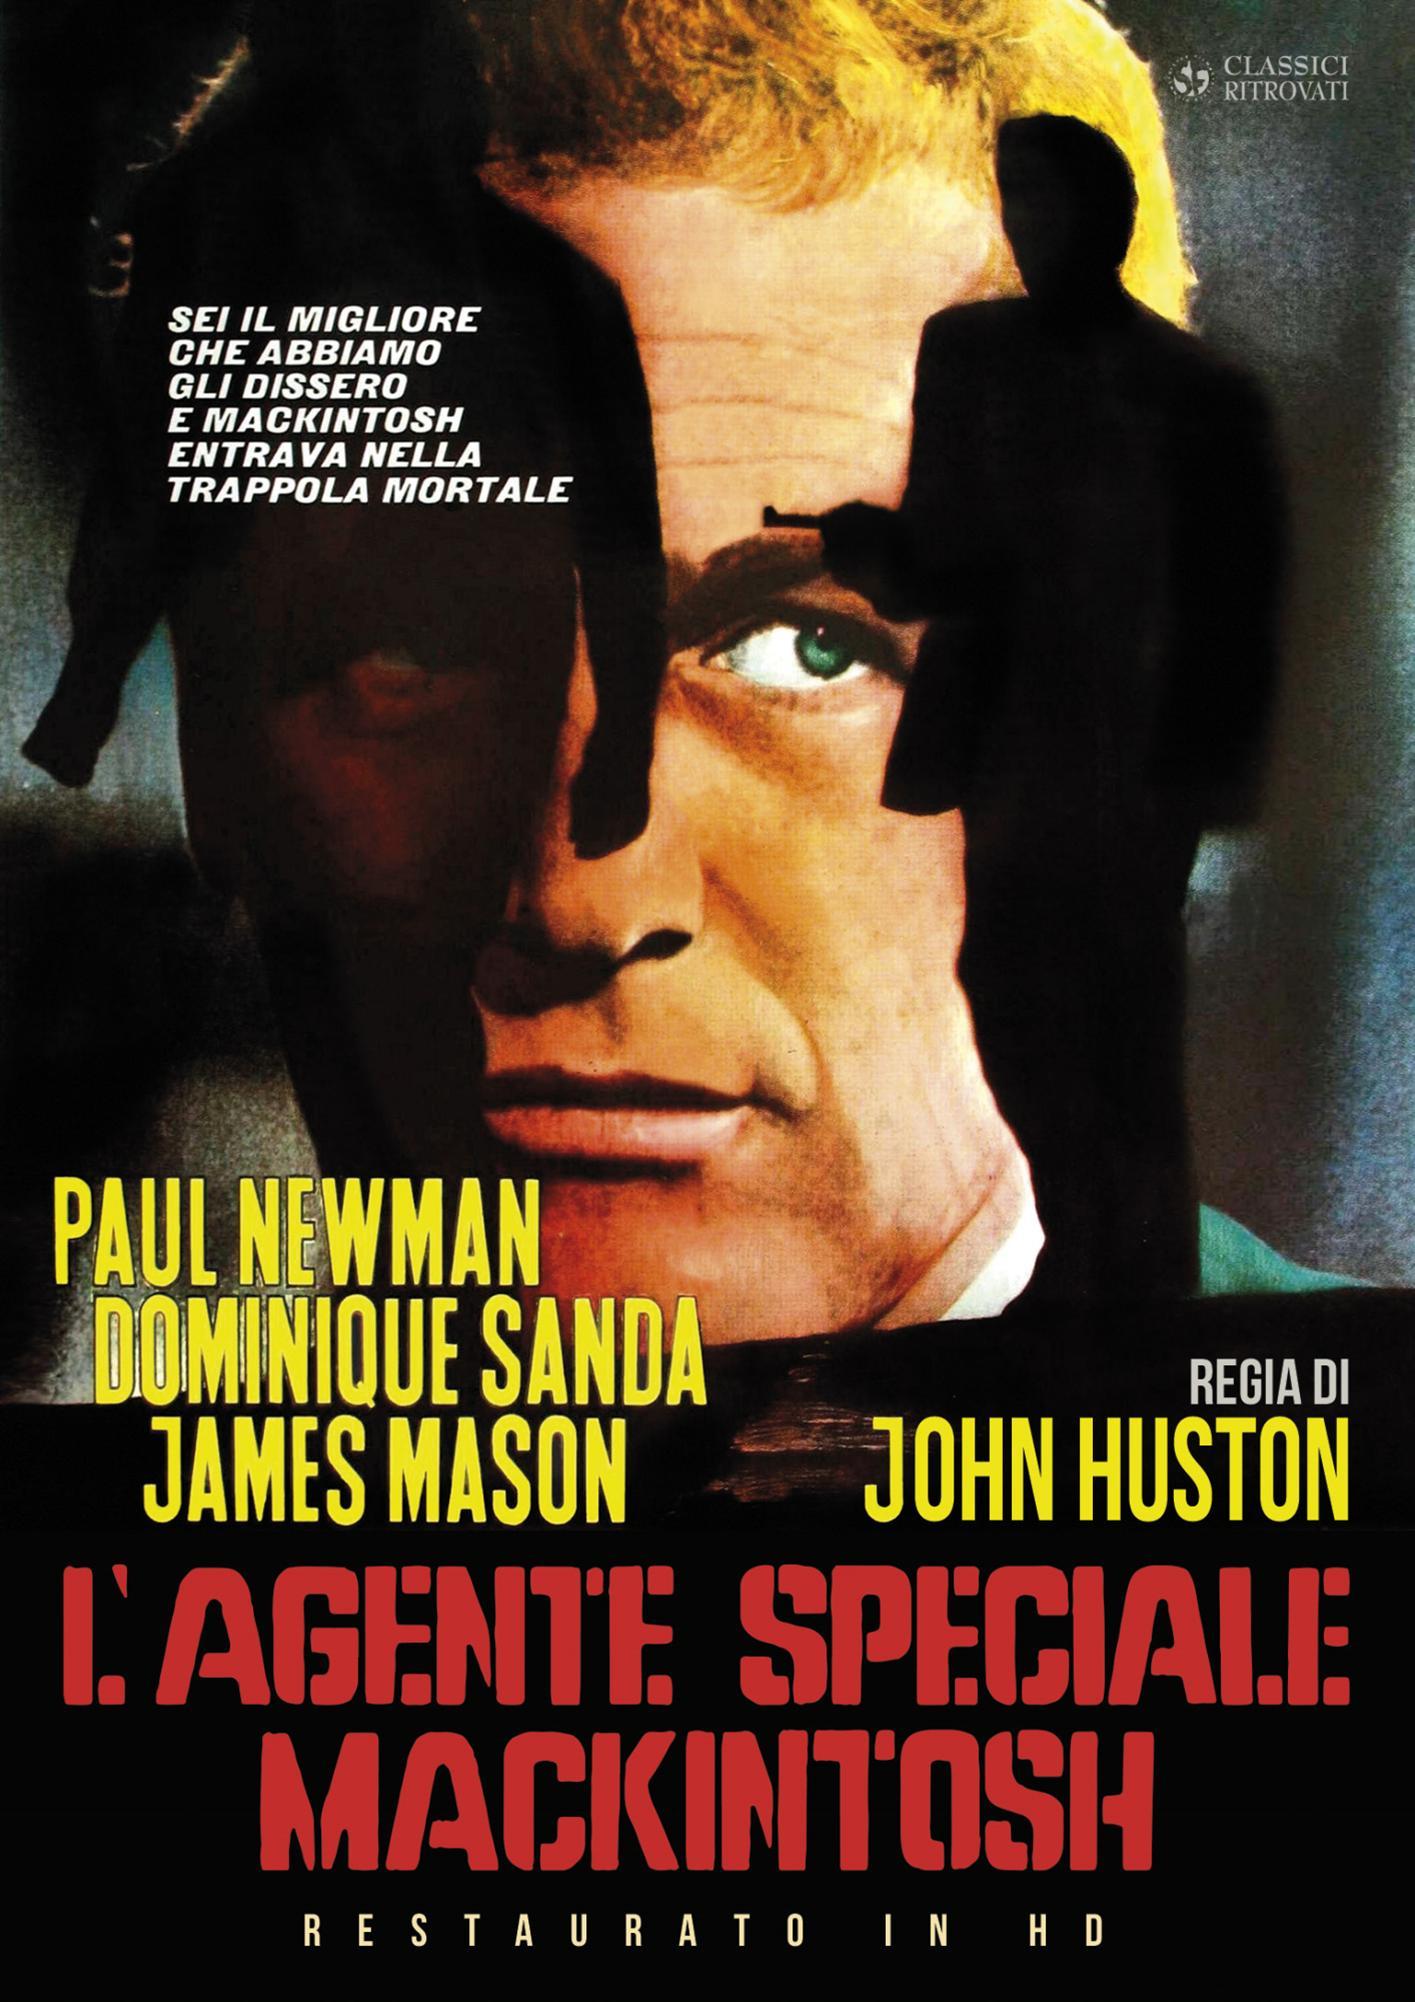 L'AGENTE SPECIALE MACKINTOSH (RESTAURATO IN HD) (DVD)